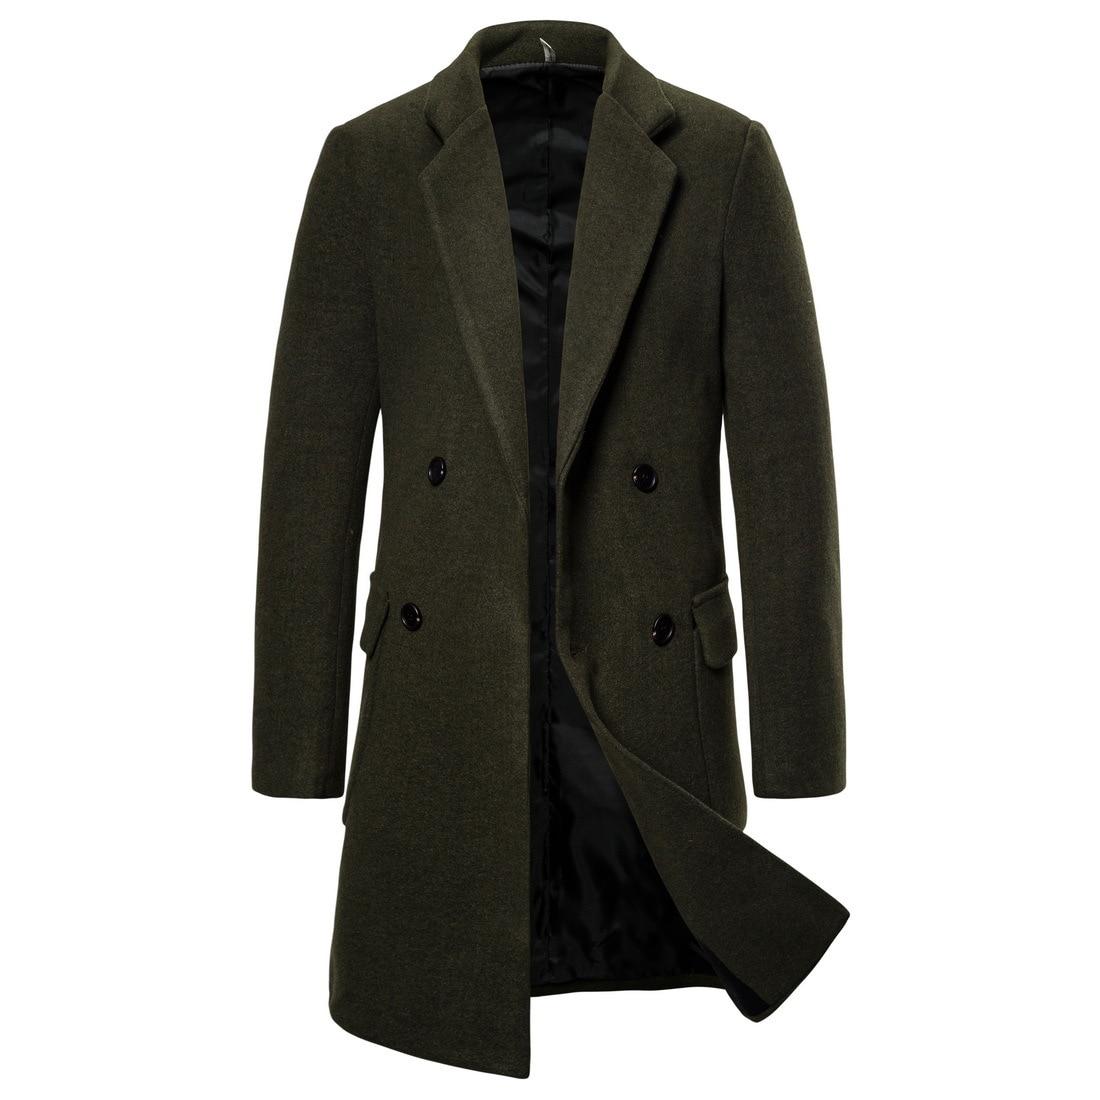 Осенне-зимнее новое импортное мужское двубортное пальто, пальто, Тренч